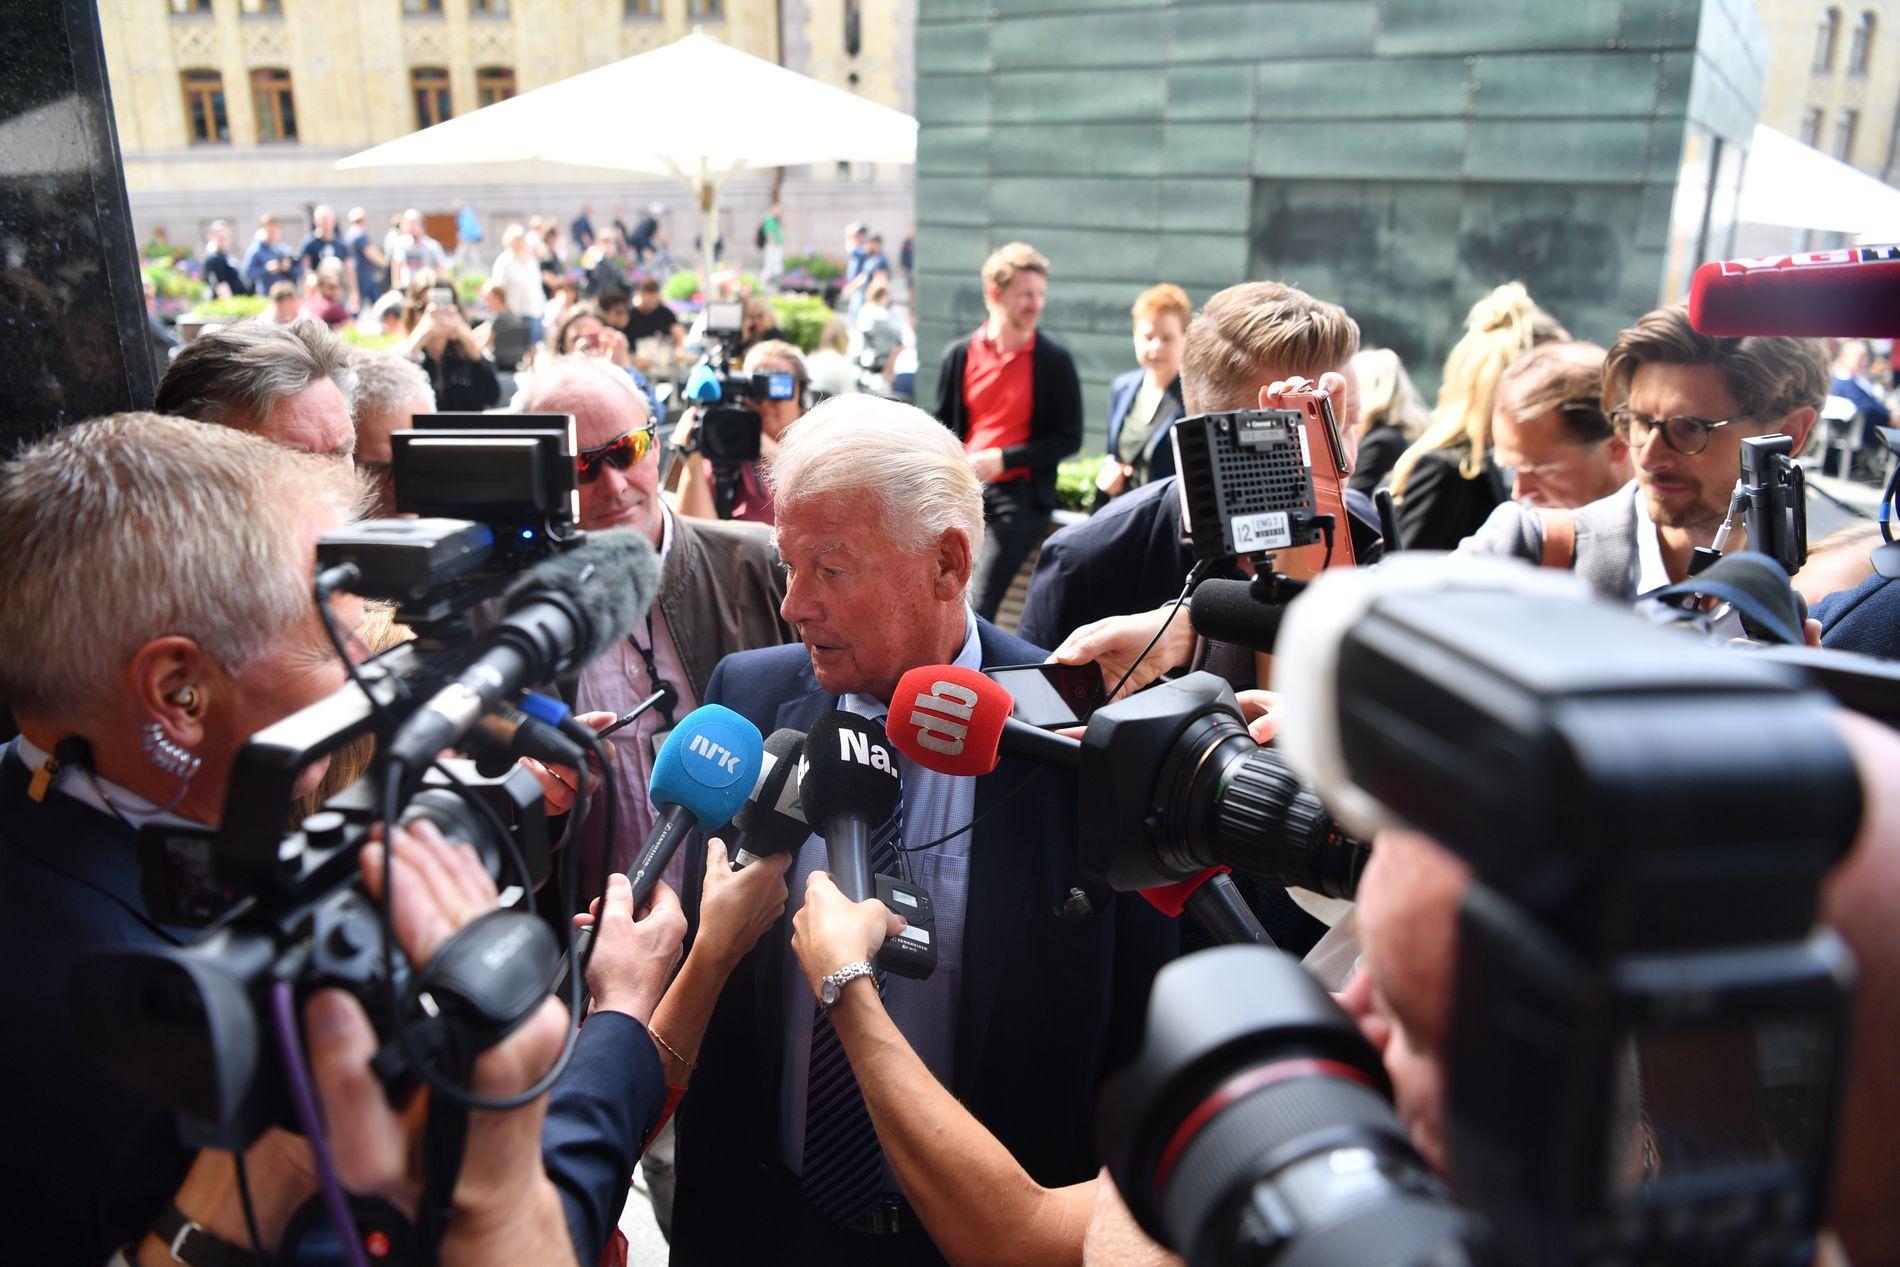 BOM-KAOS: Uten at noen bompengeløsning mellom regjeringspartiene er offentlig kjent, samlesFrps landsstyre søndag for å få en statusoppdatering om prosessen. Her ankommer Frp-nestor Carl I. Hagen.